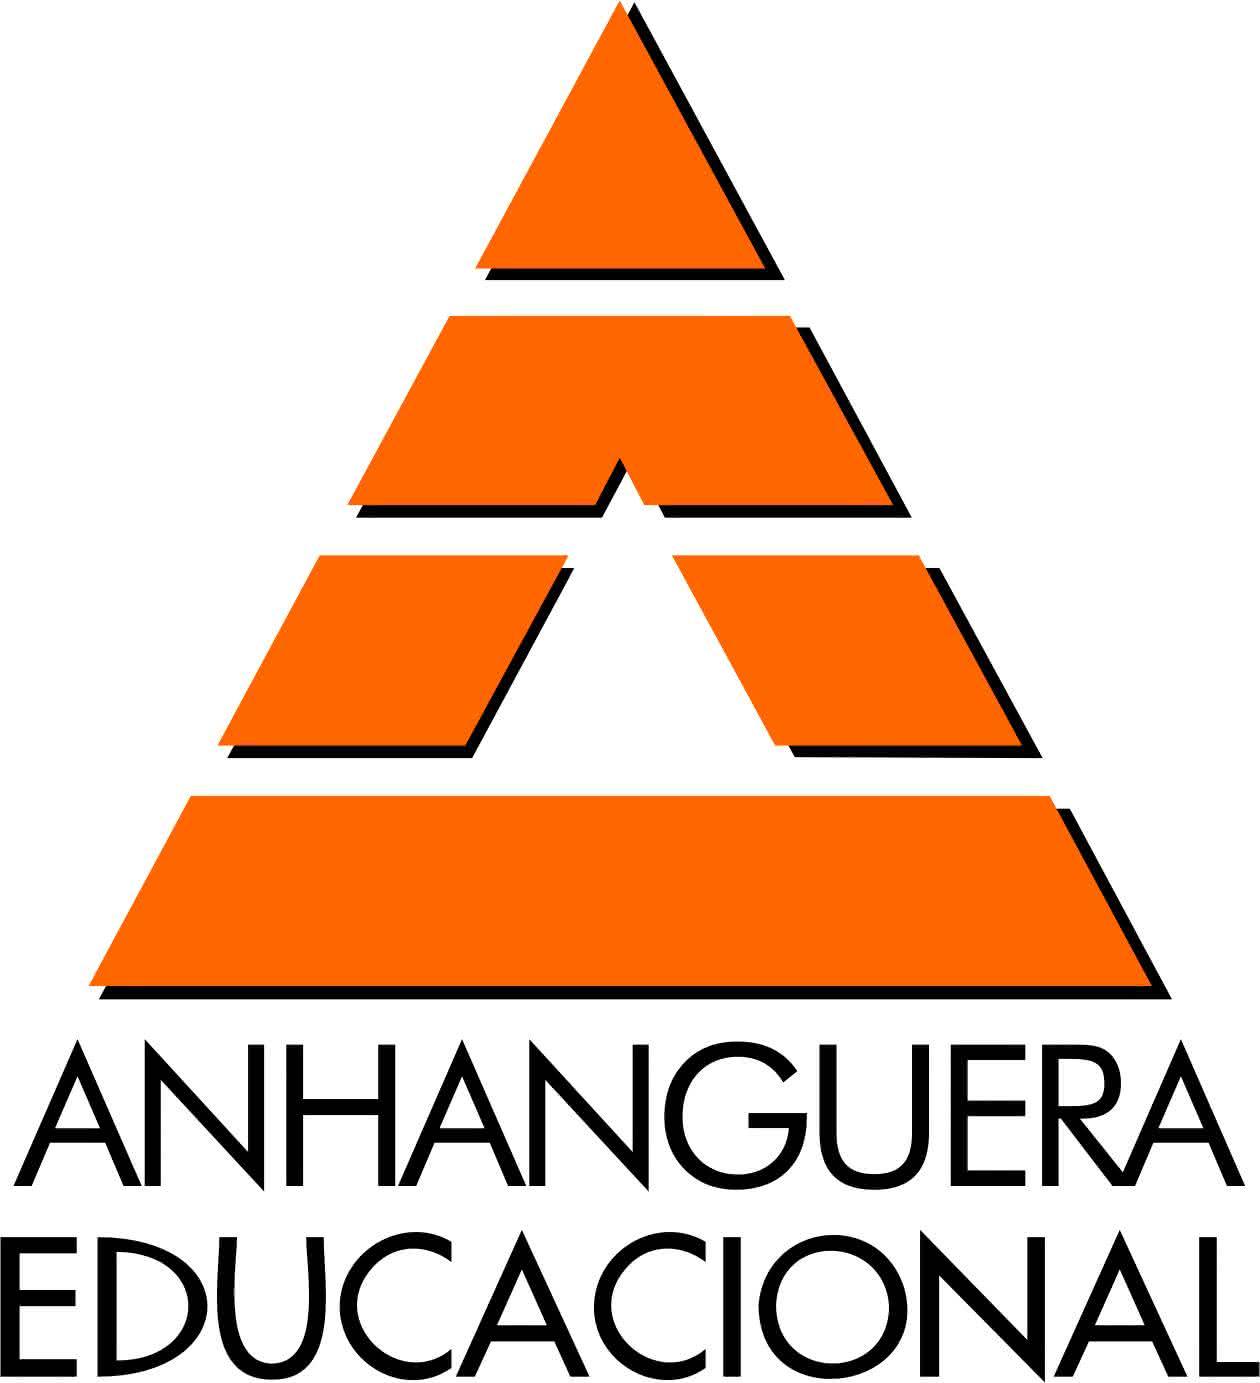 Anhanguera Educacional     Est   Oferecendo Bolsas De Estudos